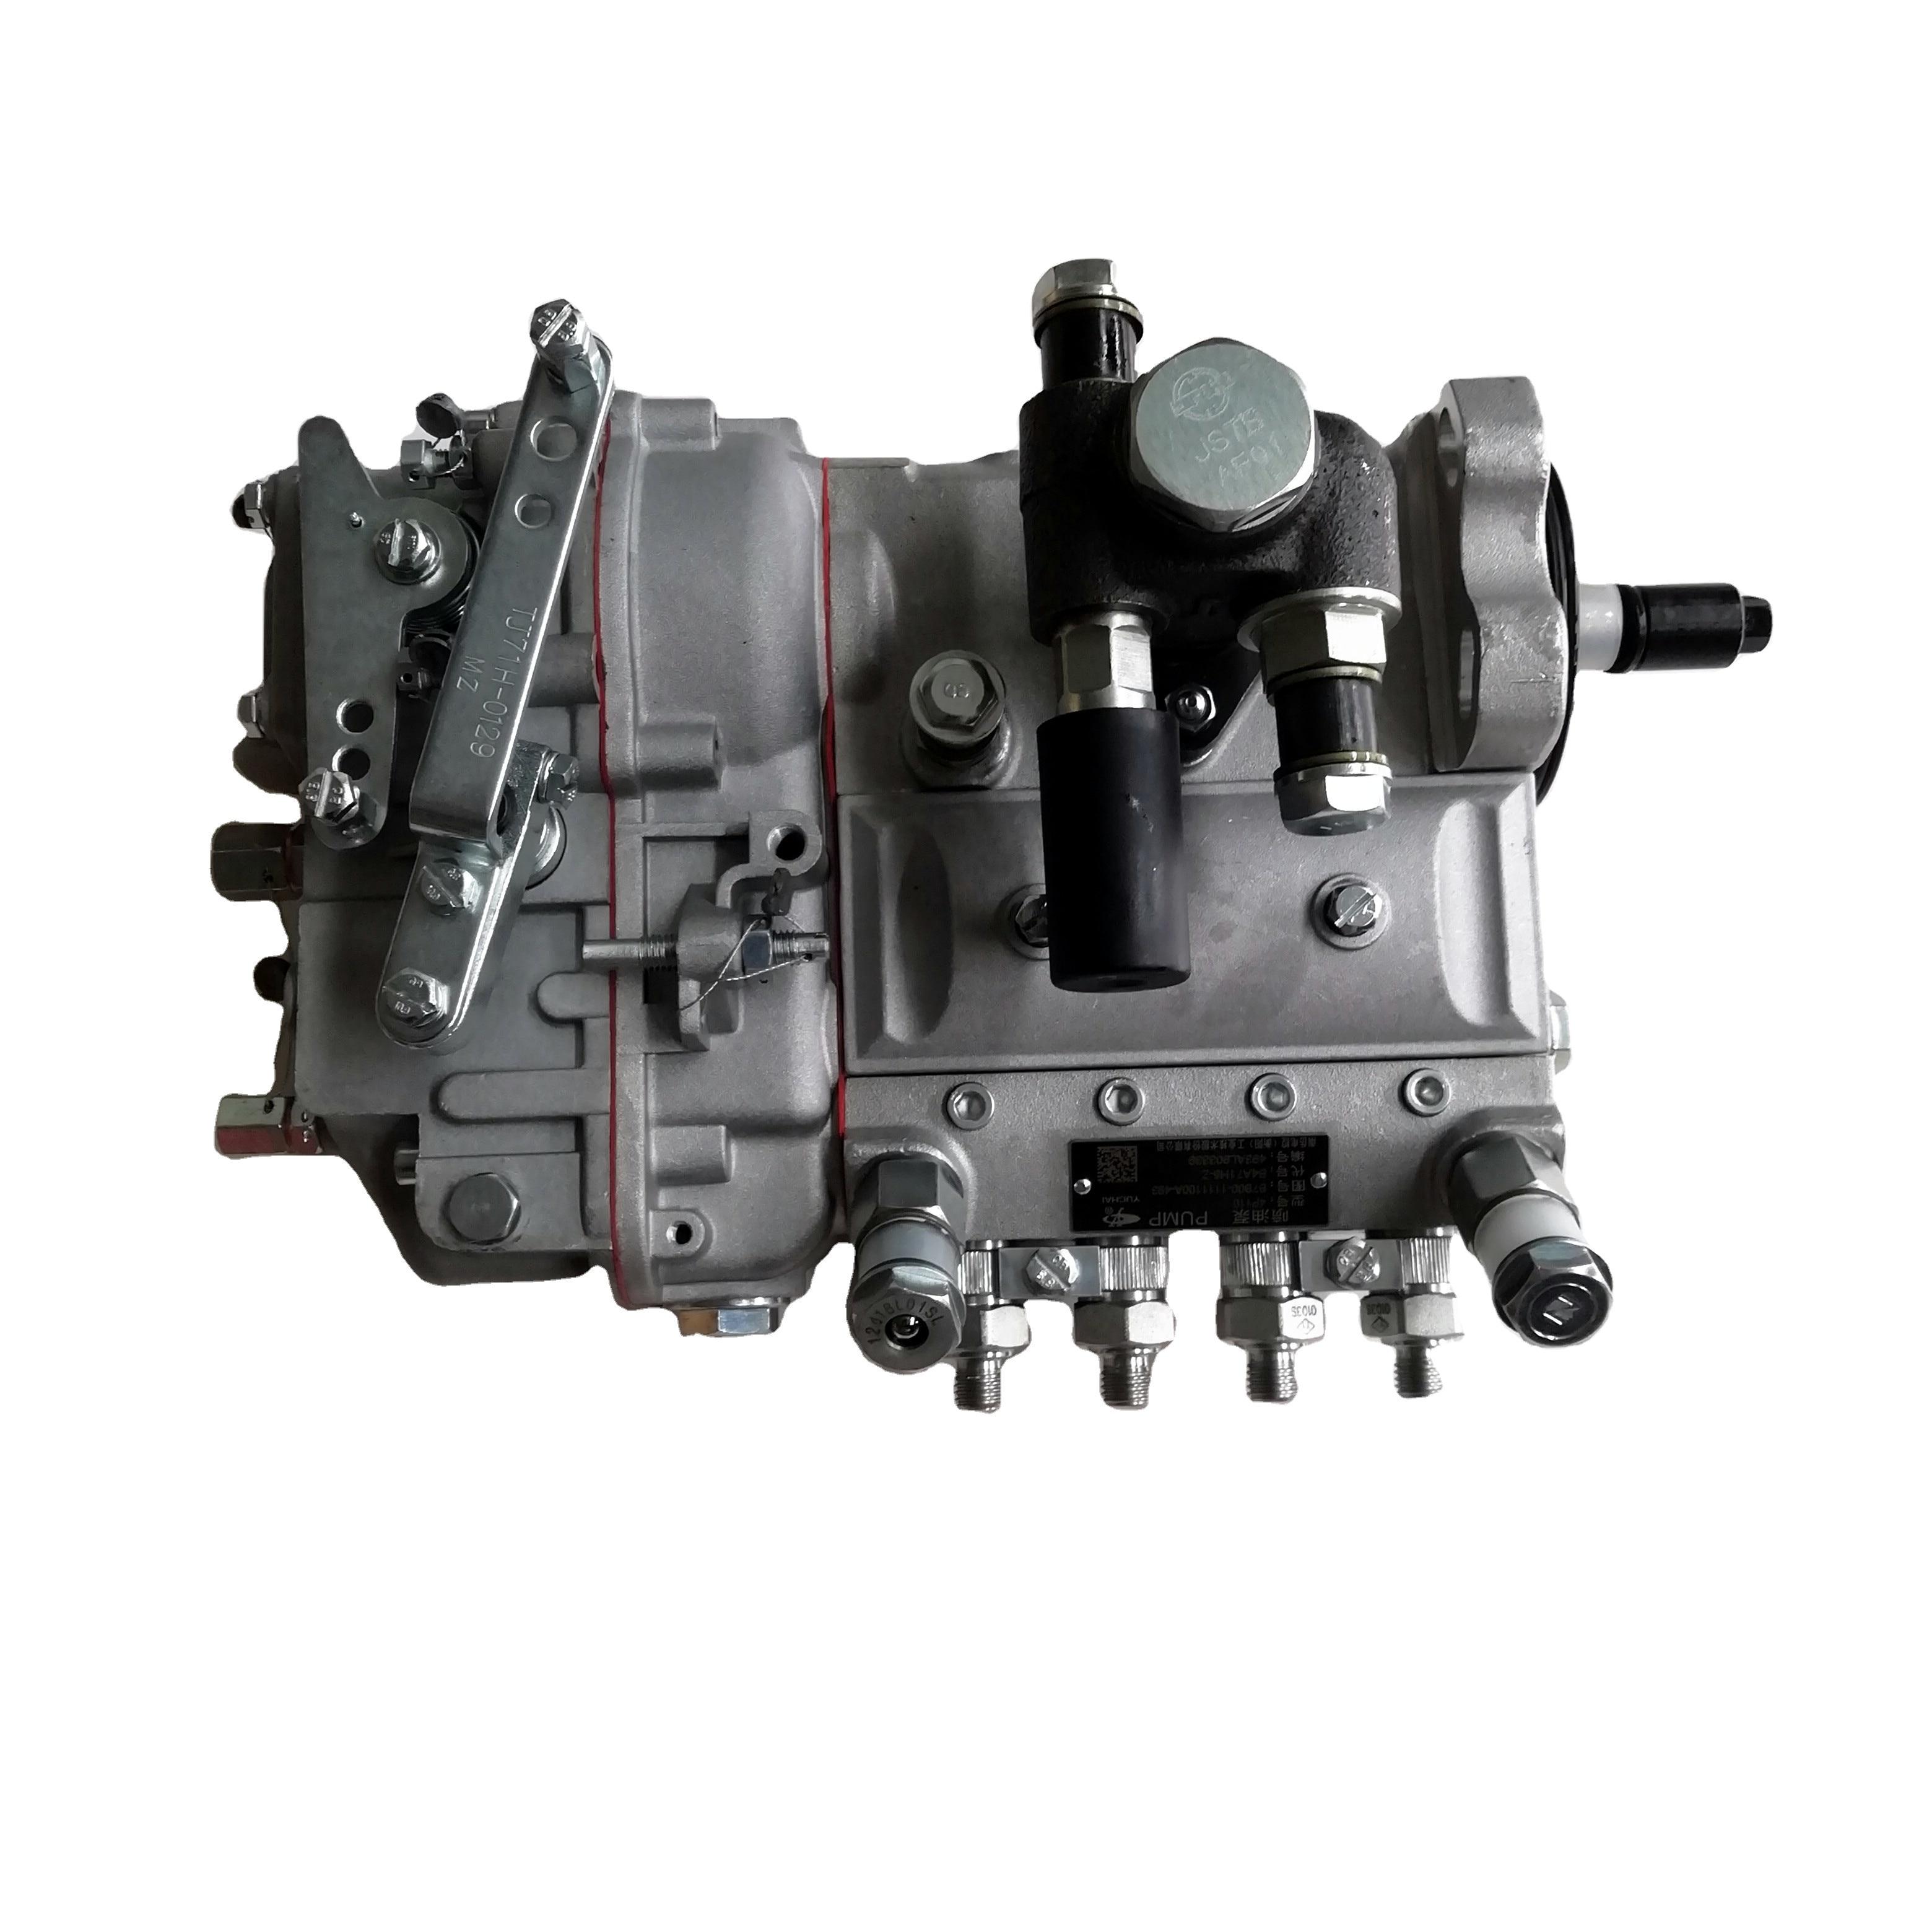 2020 منتج جديد YC آلة مضخة حقن الوقود 4P110 B7B00-1111100A-493 للبيع